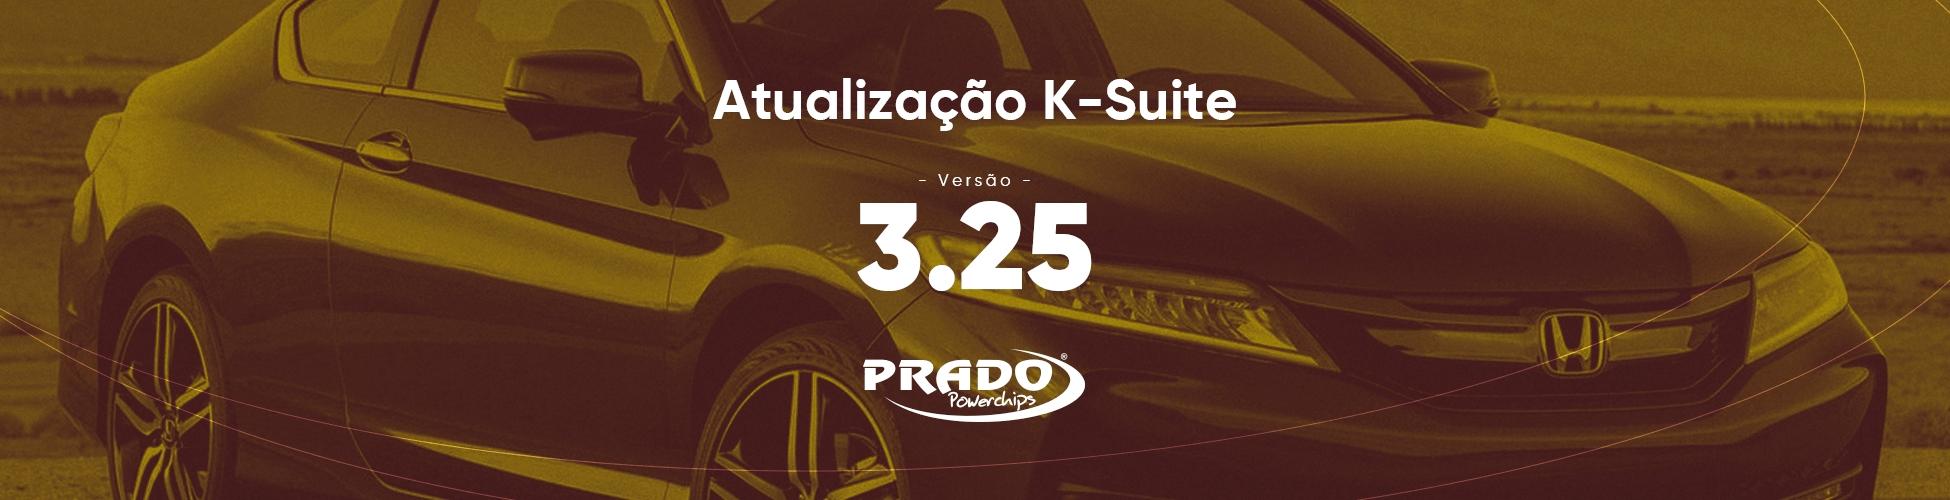 Atualização do K-suite 3.25